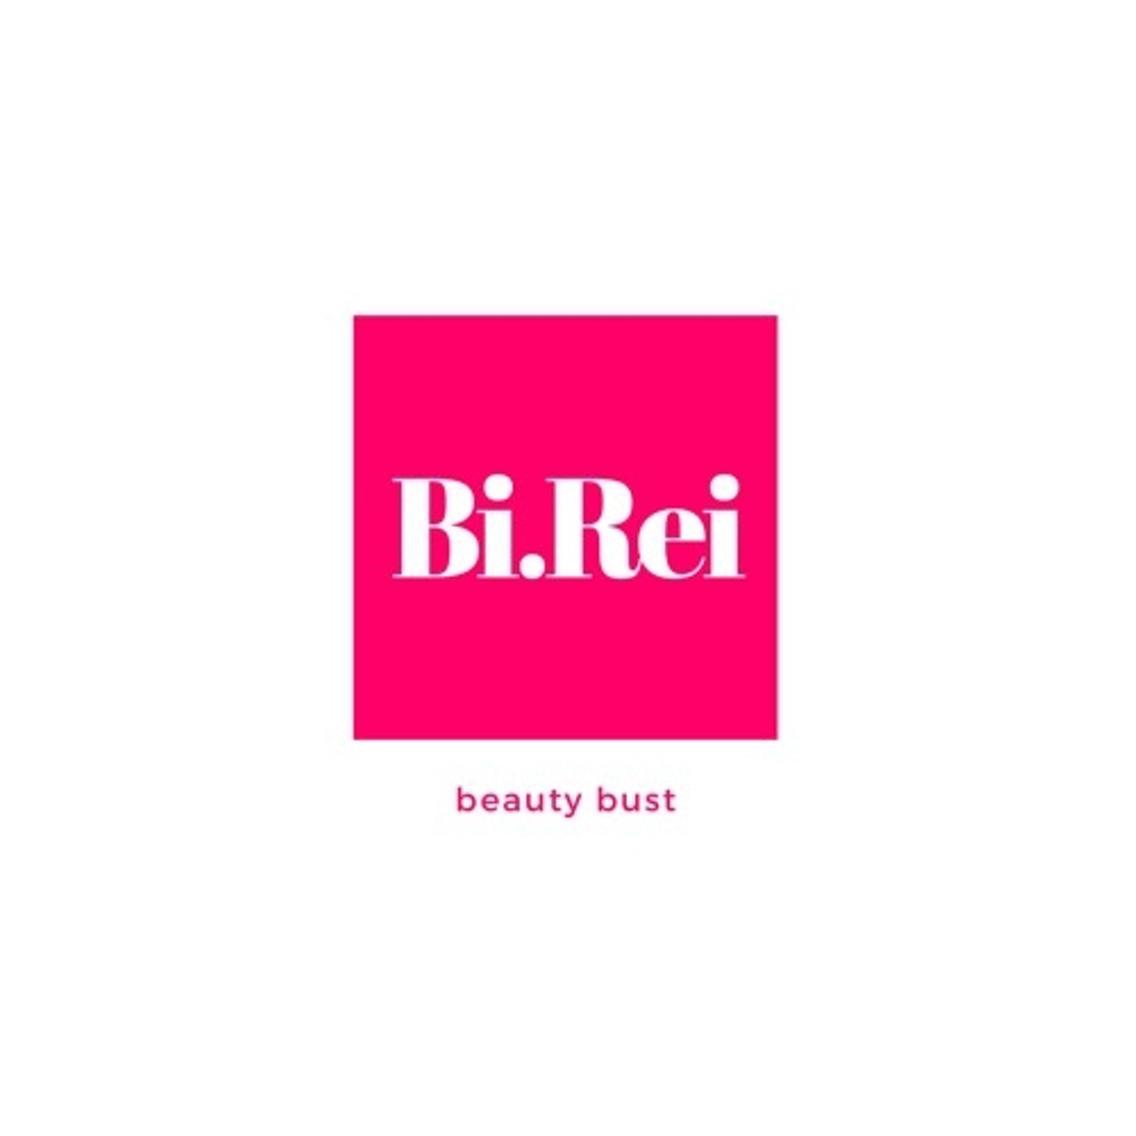 Bi.rei所属・Bi.Reiの掲載